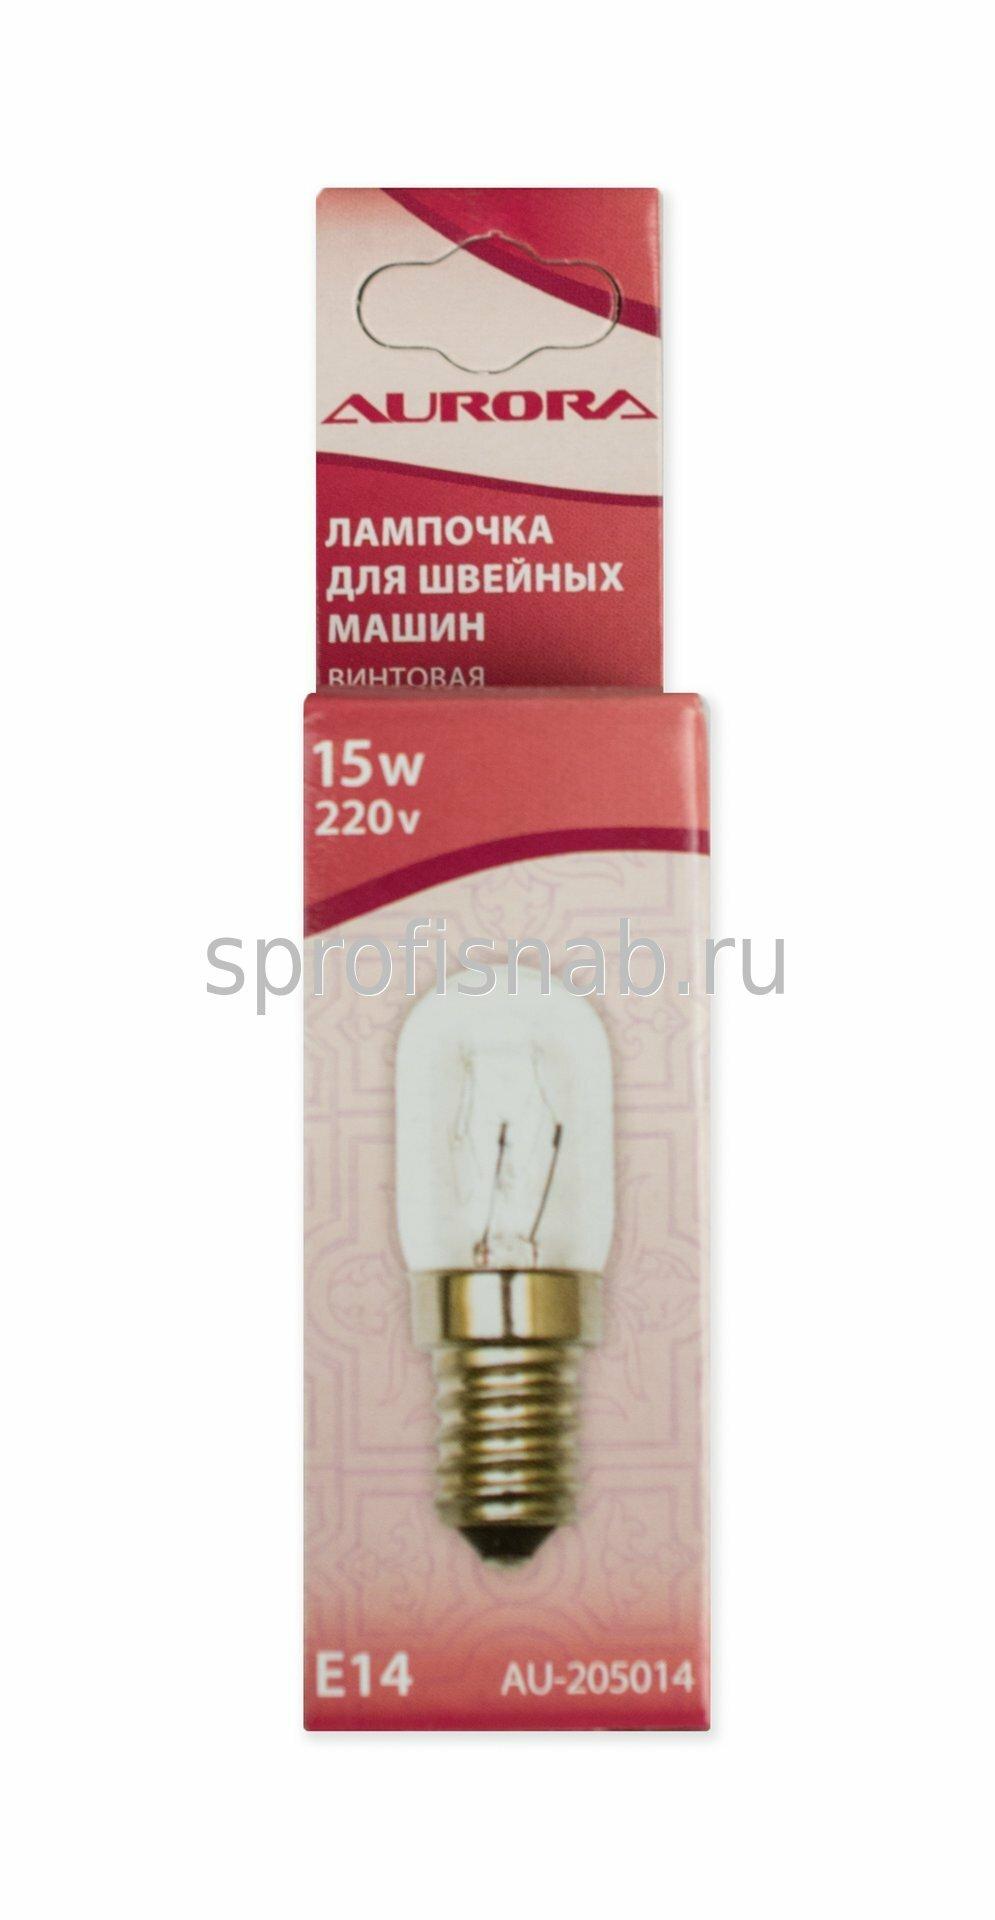 Лампа AURORA 15Вт — купить по выгодной цене на Яндекс.Маркете